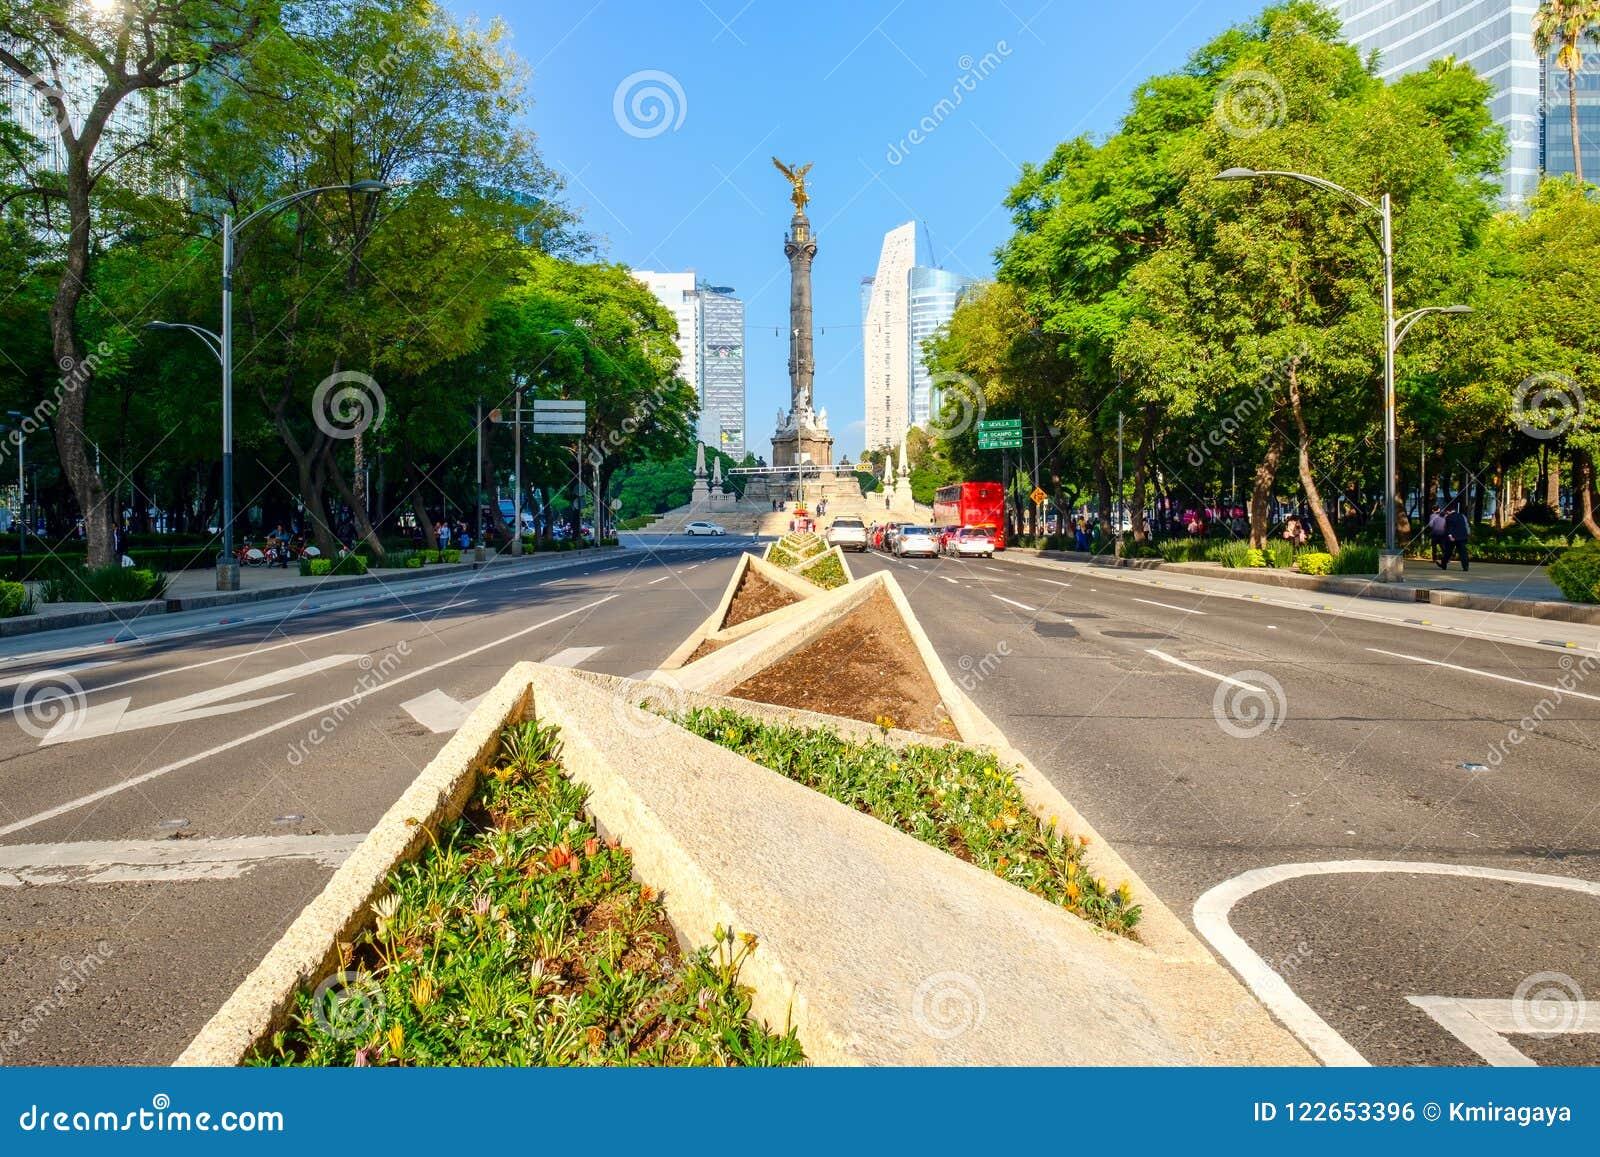 De Engel van Onafhankelijkheid in Paseo DE La Reforma in Mexico-City